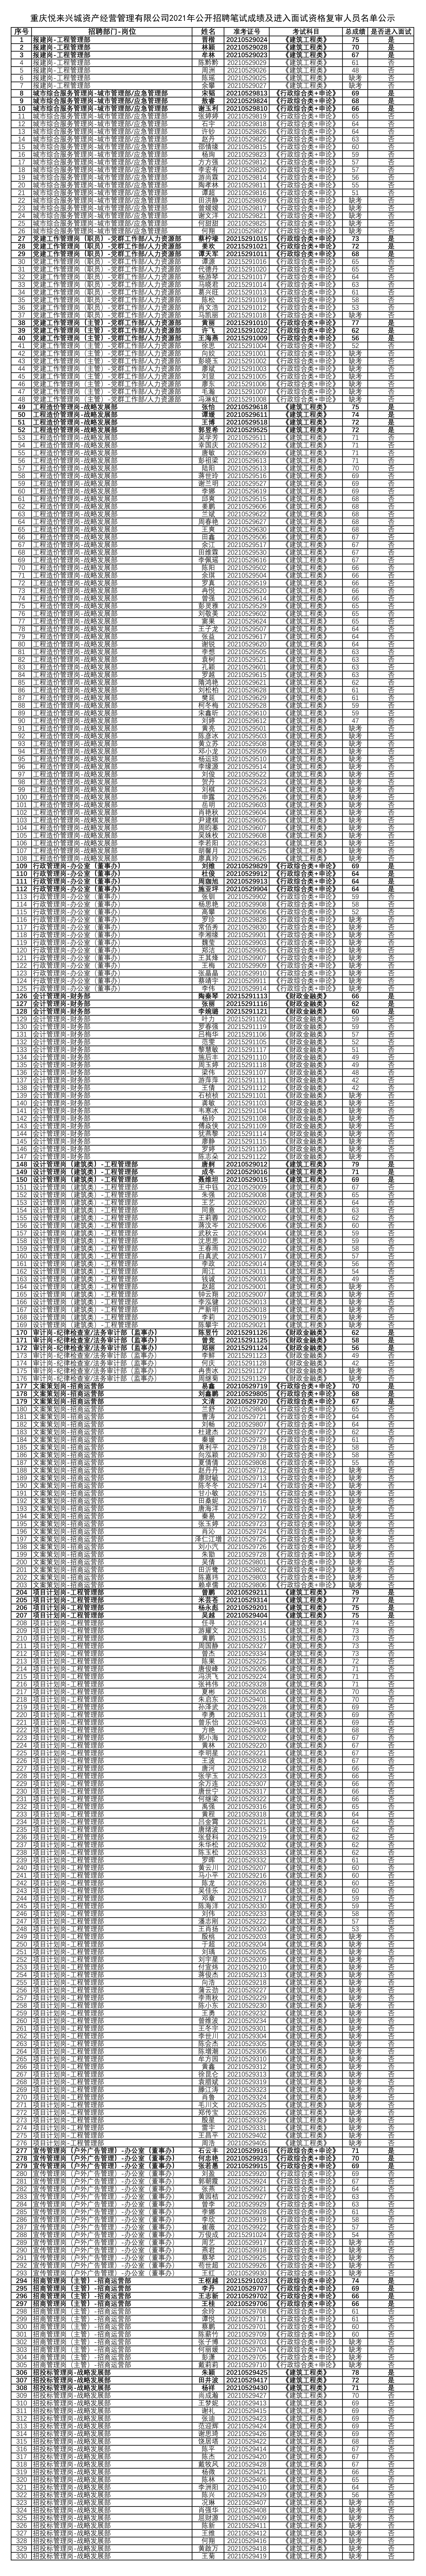 1-兴城资产成绩单--发公告.jpg